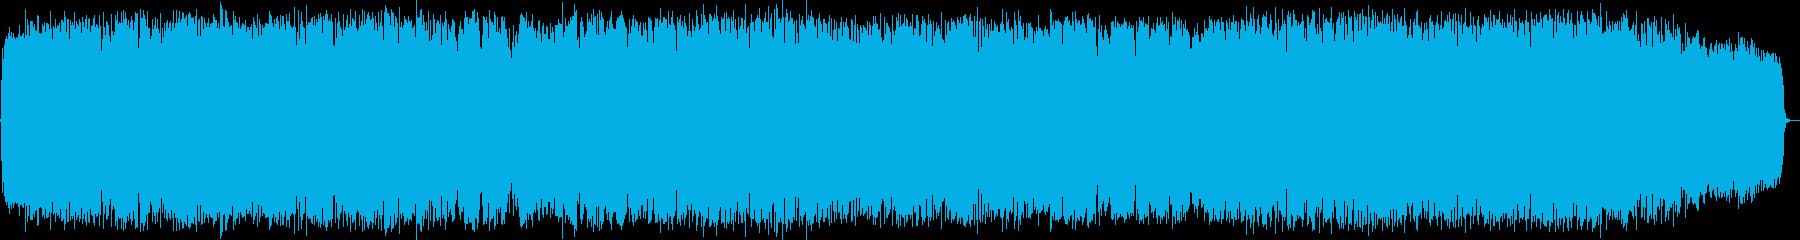 力強い風 竹笛のニューエイジ音楽の再生済みの波形